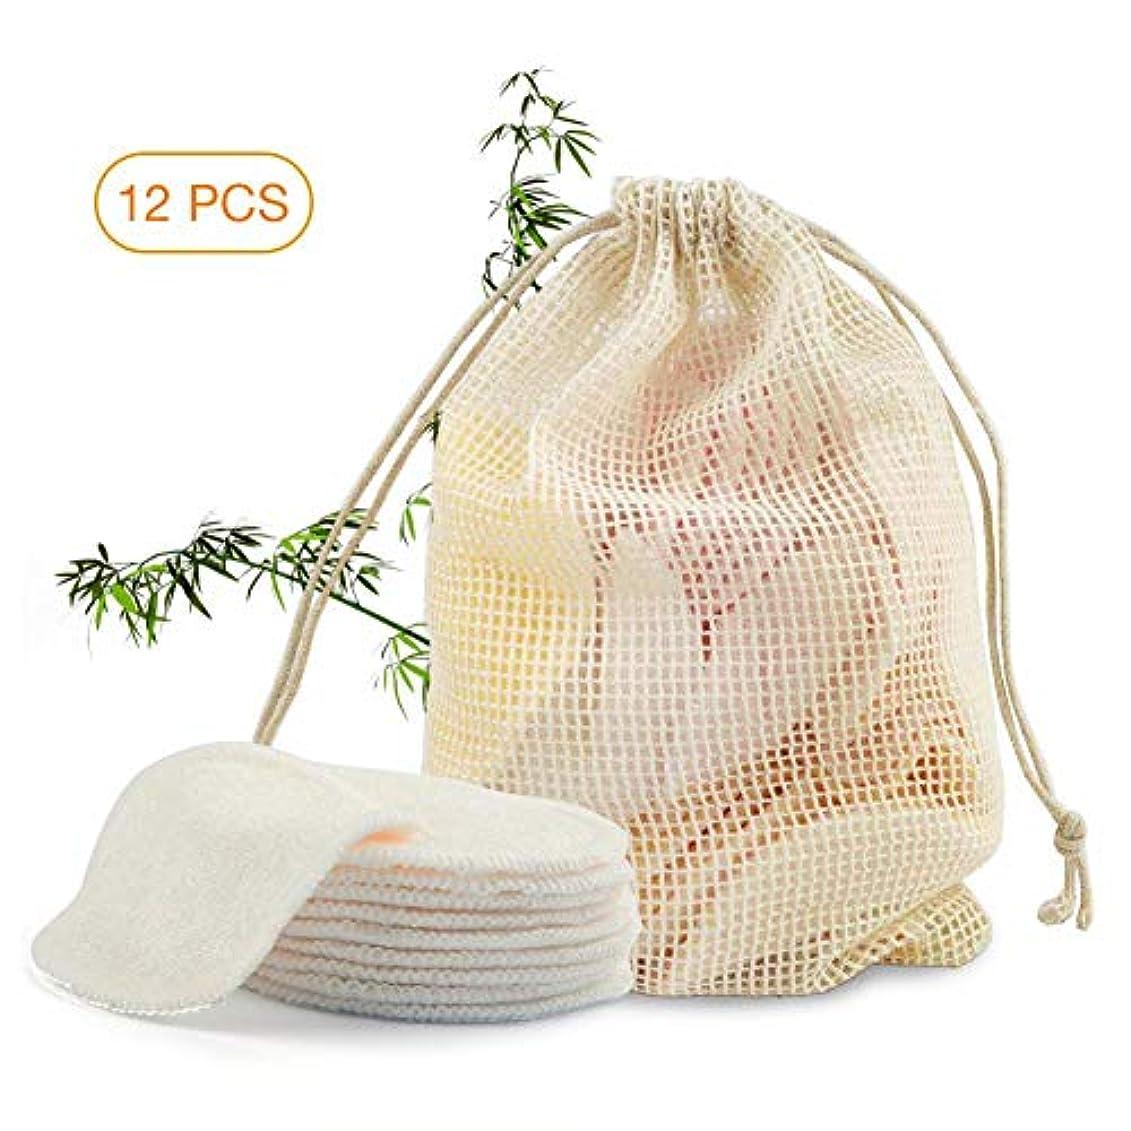 エコーサーマルまたはクレンジングシート 天然繊維素材 柔らかい バッグ付き 安全 非毒性 再利用可能 交換可能 旅行用